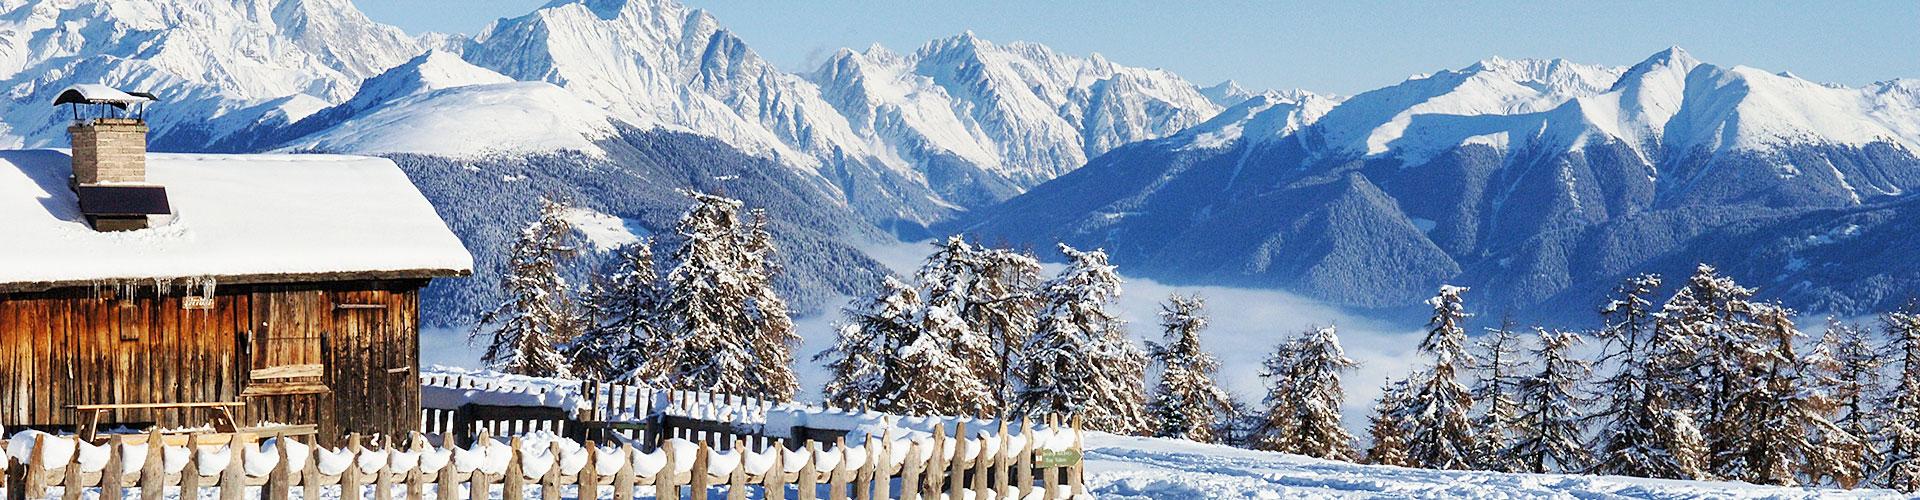 winter-bg2